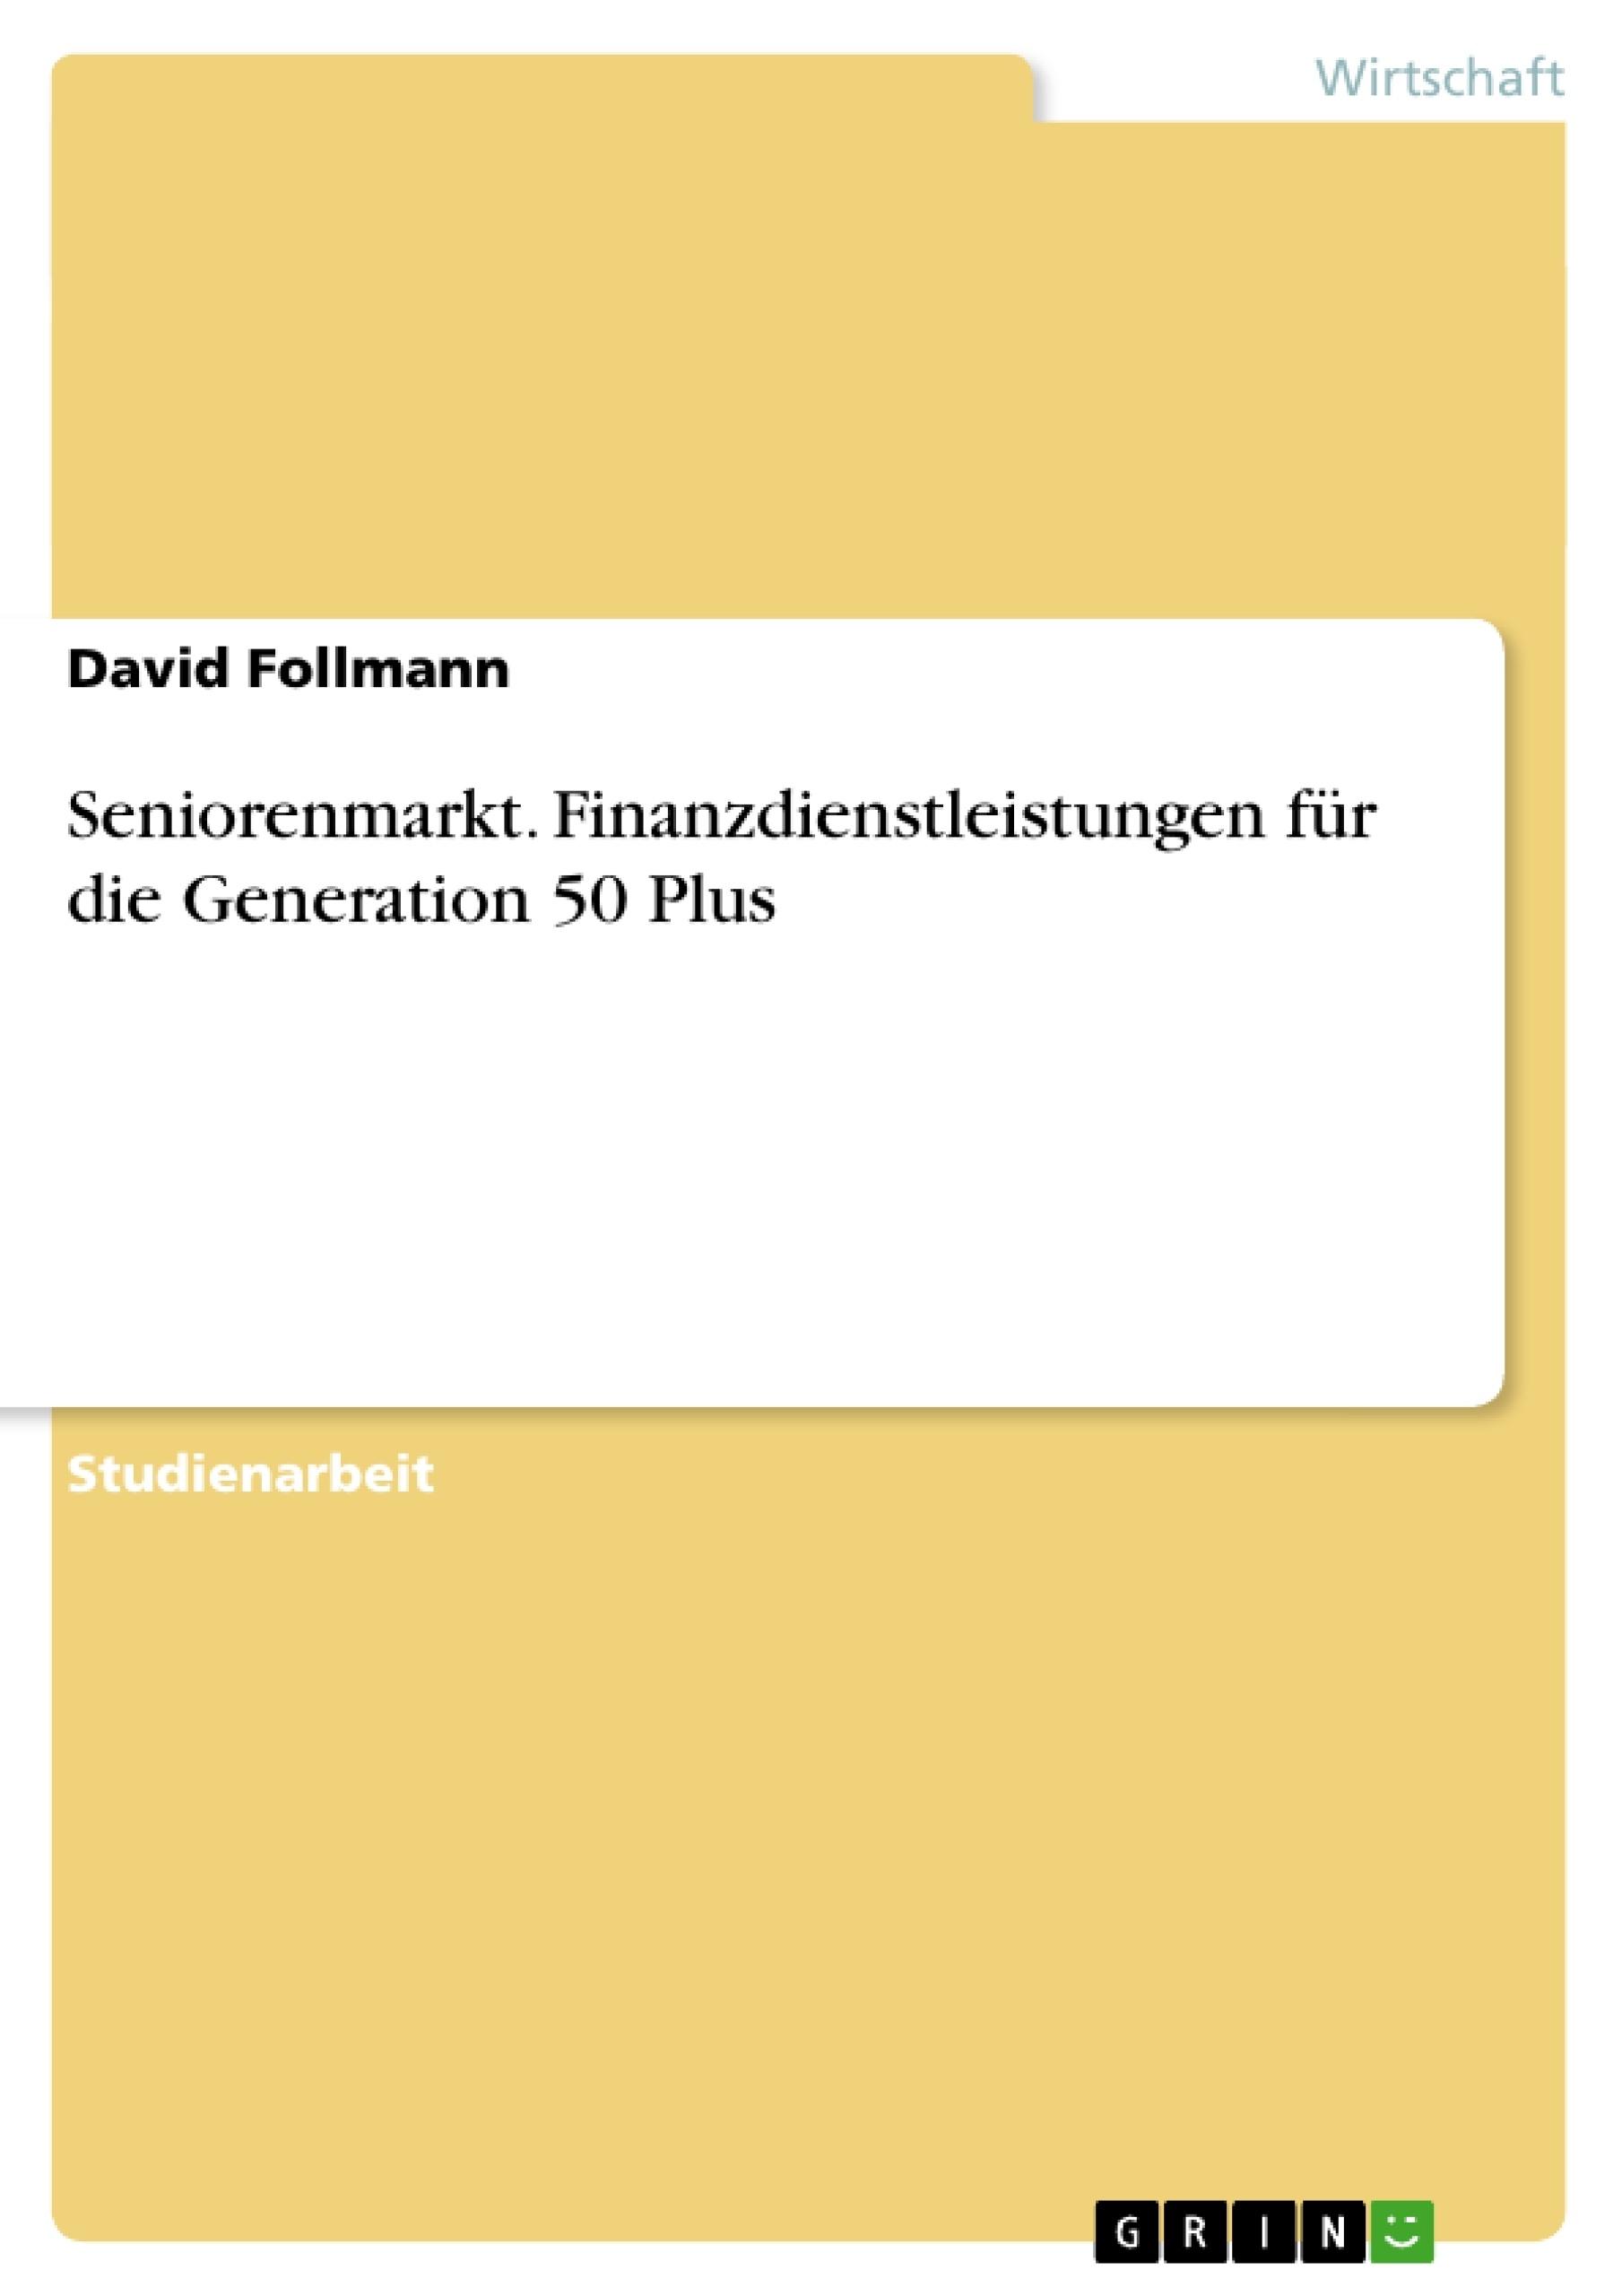 Titel: Seniorenmarkt. Finanzdienstleistungen für die Generation 50 Plus